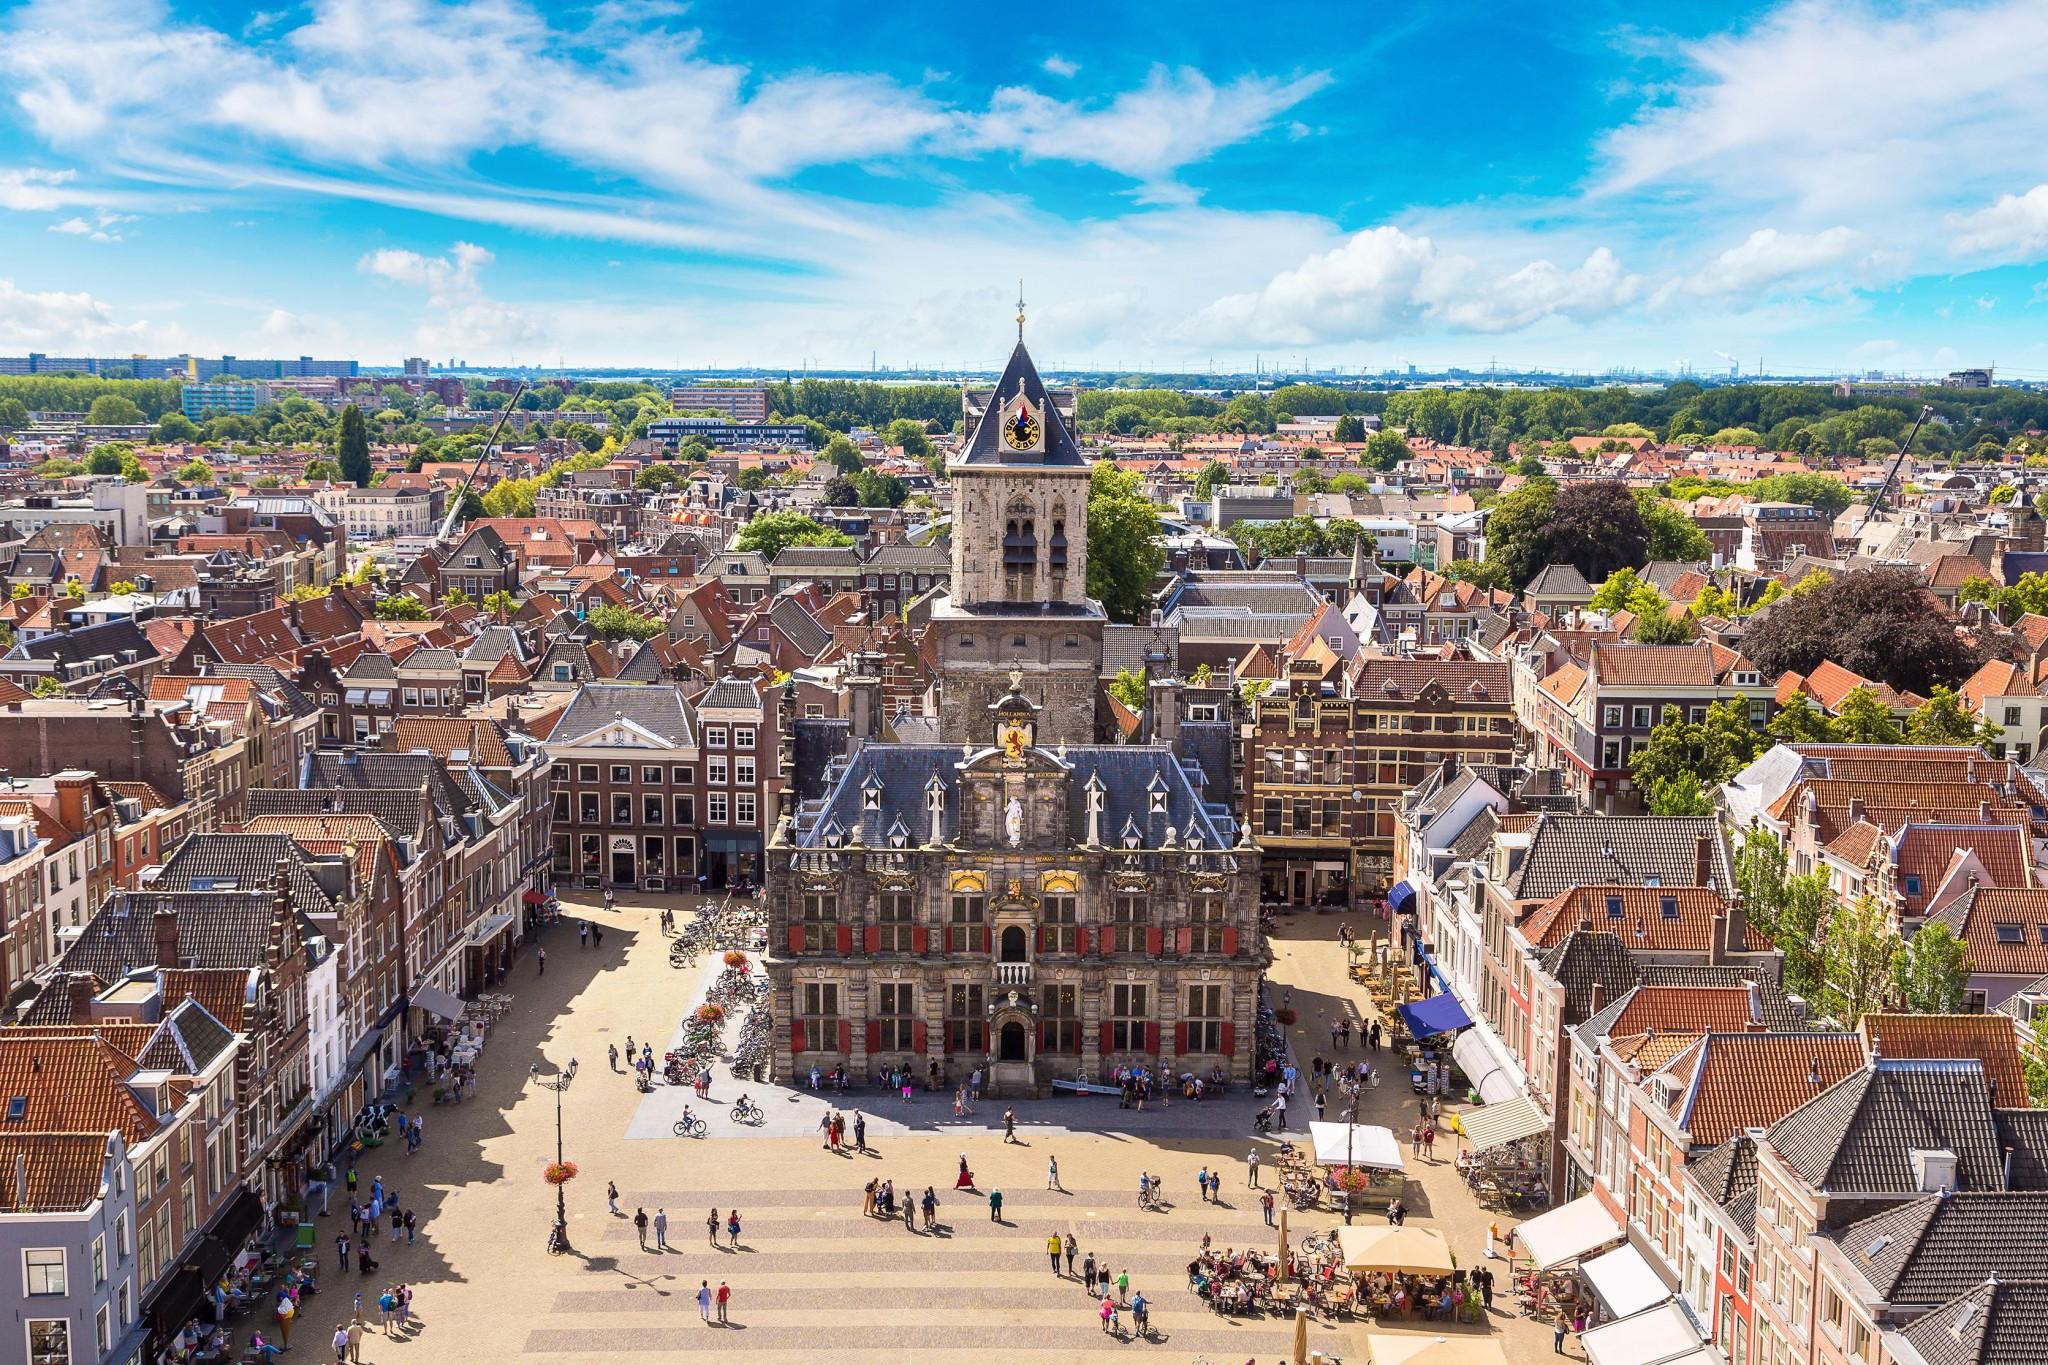 Wij gaan een weekendje naar Delft - Tips gevraagd!